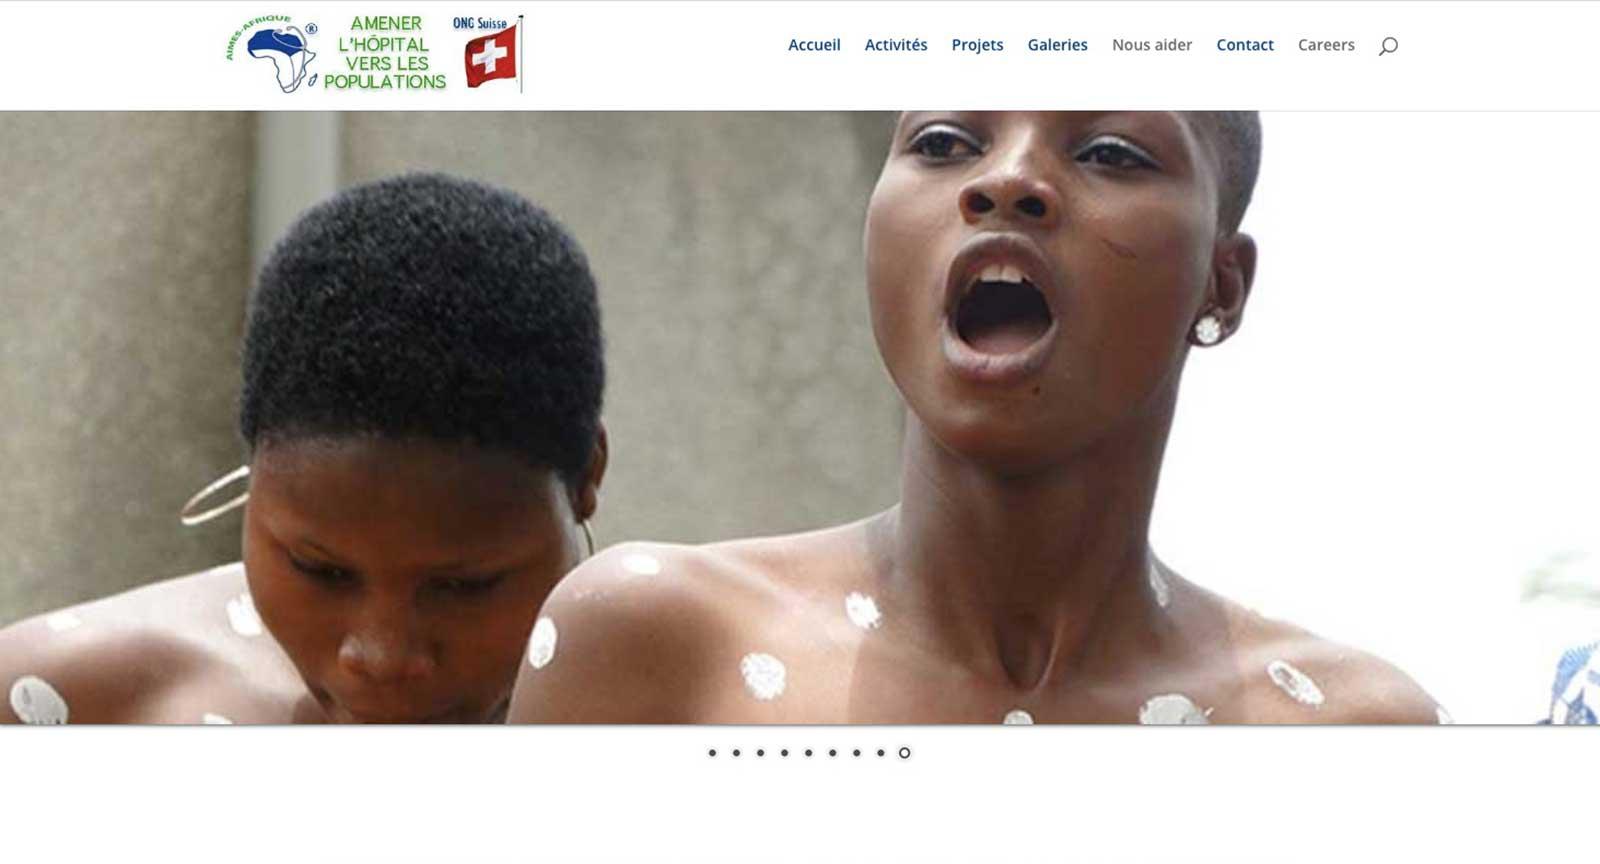 Aimes Afrique Suisse